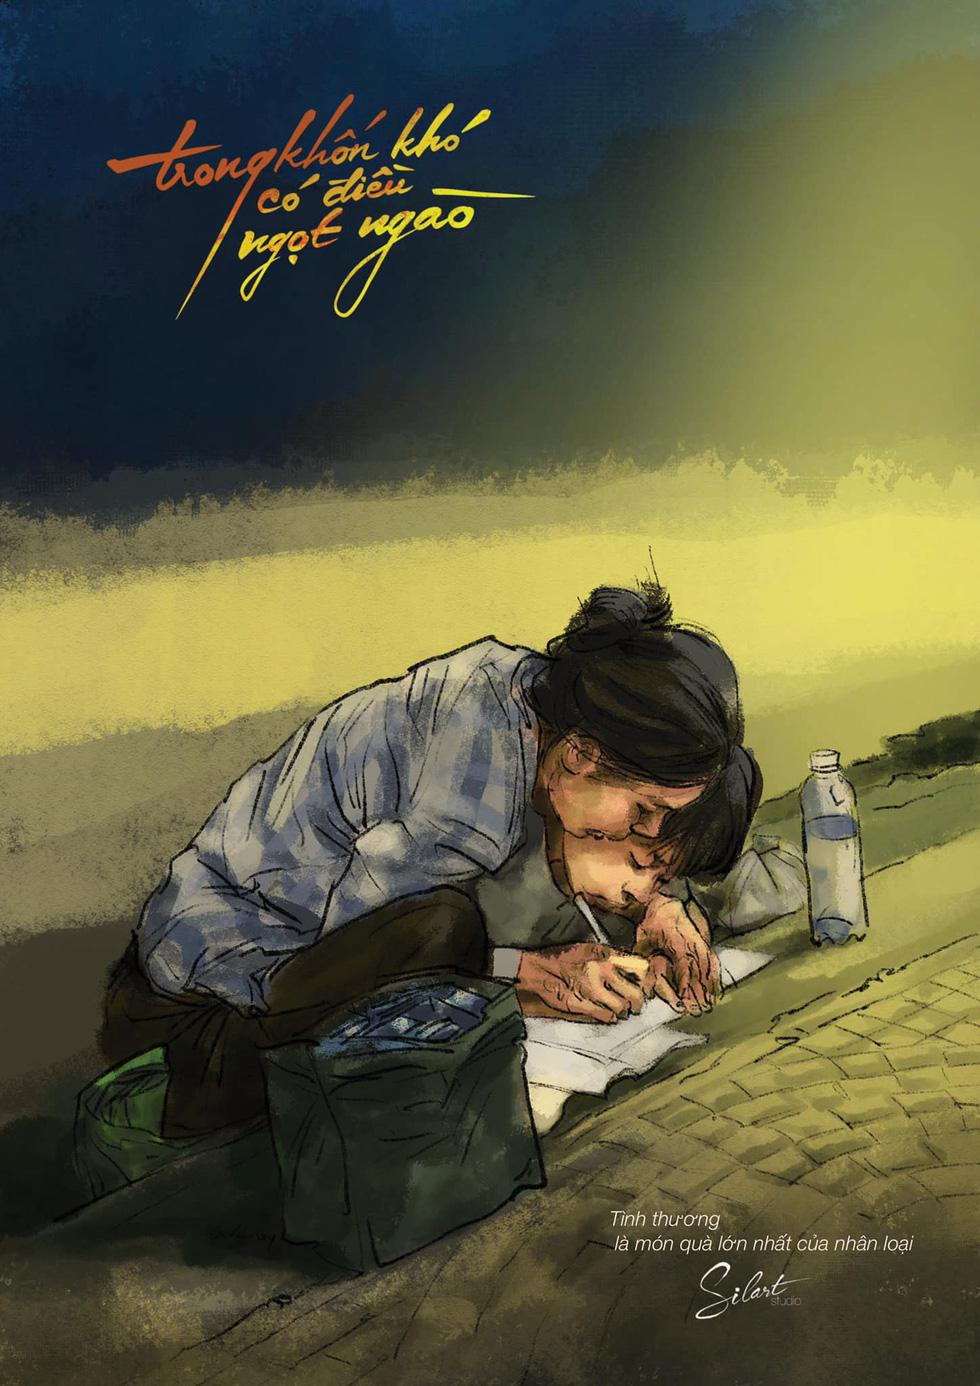 Trong gian khó có điều ngọt ngào: Những bức tranh như liều thuốc trị thương - Ảnh 6.